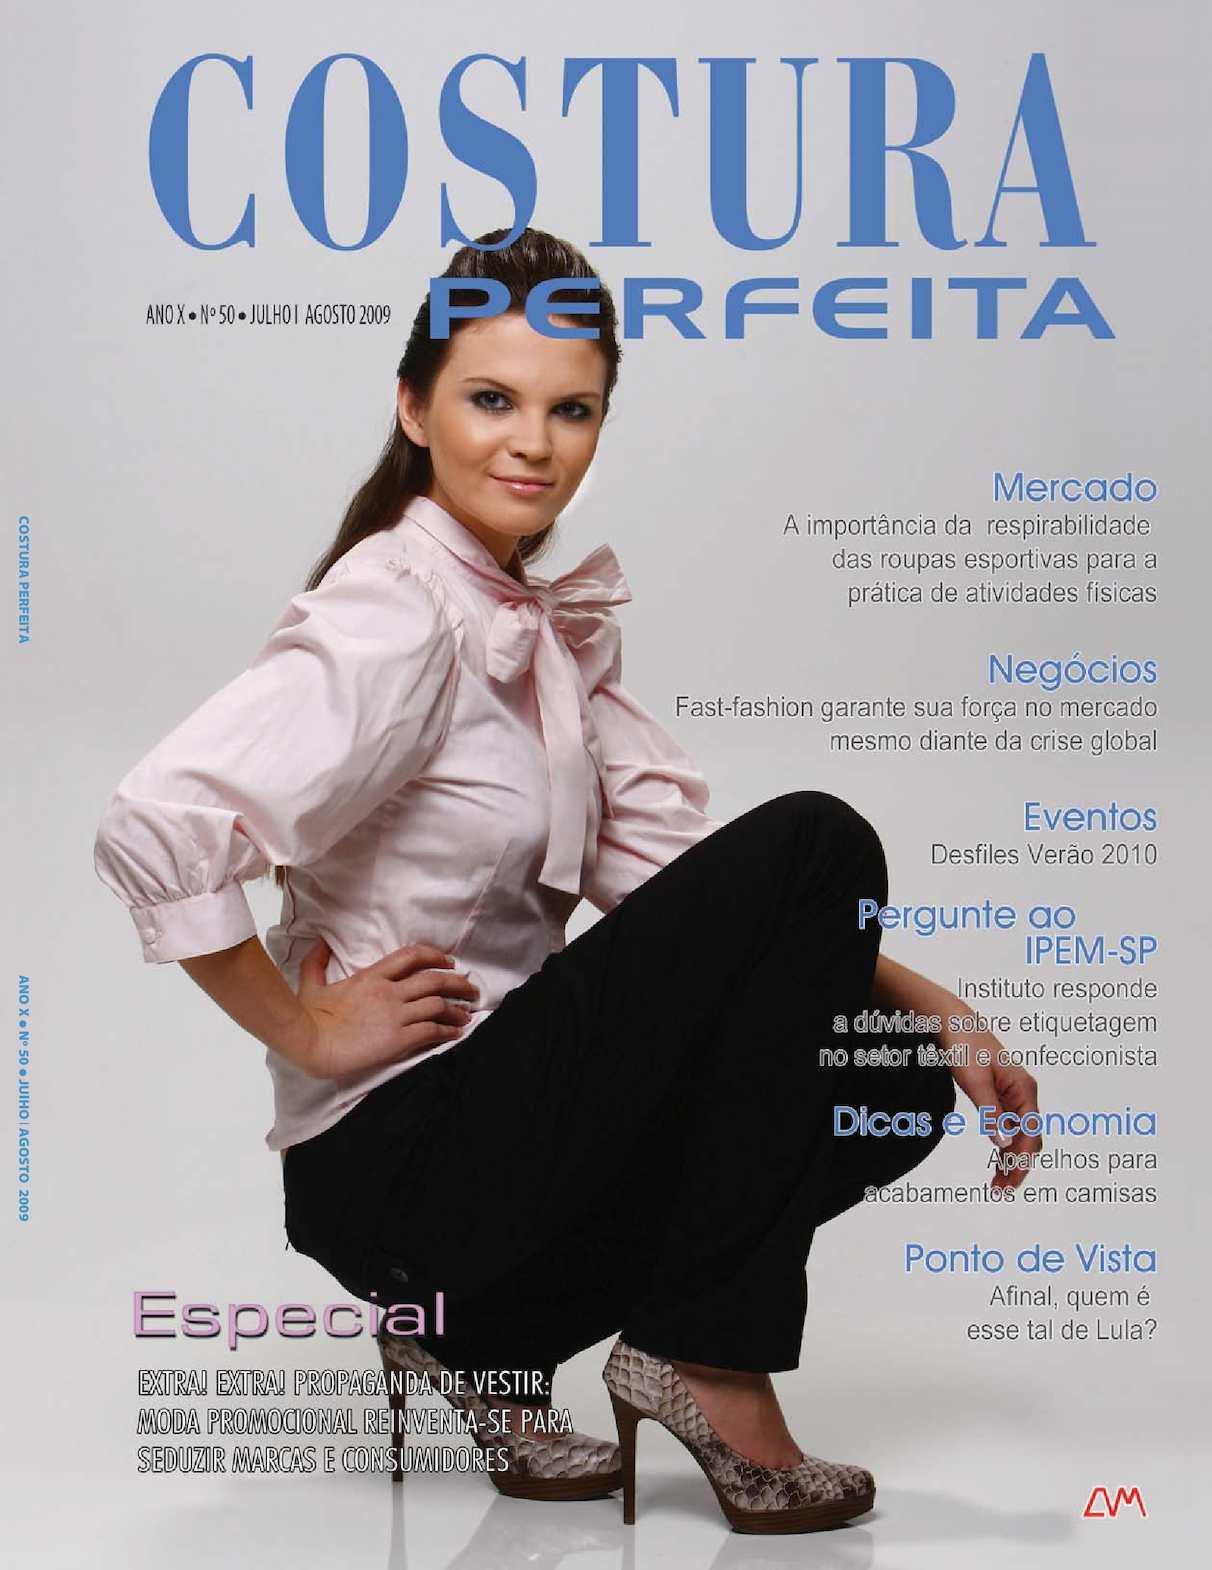 Calaméo - Revista Costura Perfeita Edição Ano X - N50 -Julho-Agosto 2009 89d4ceb93c7a4